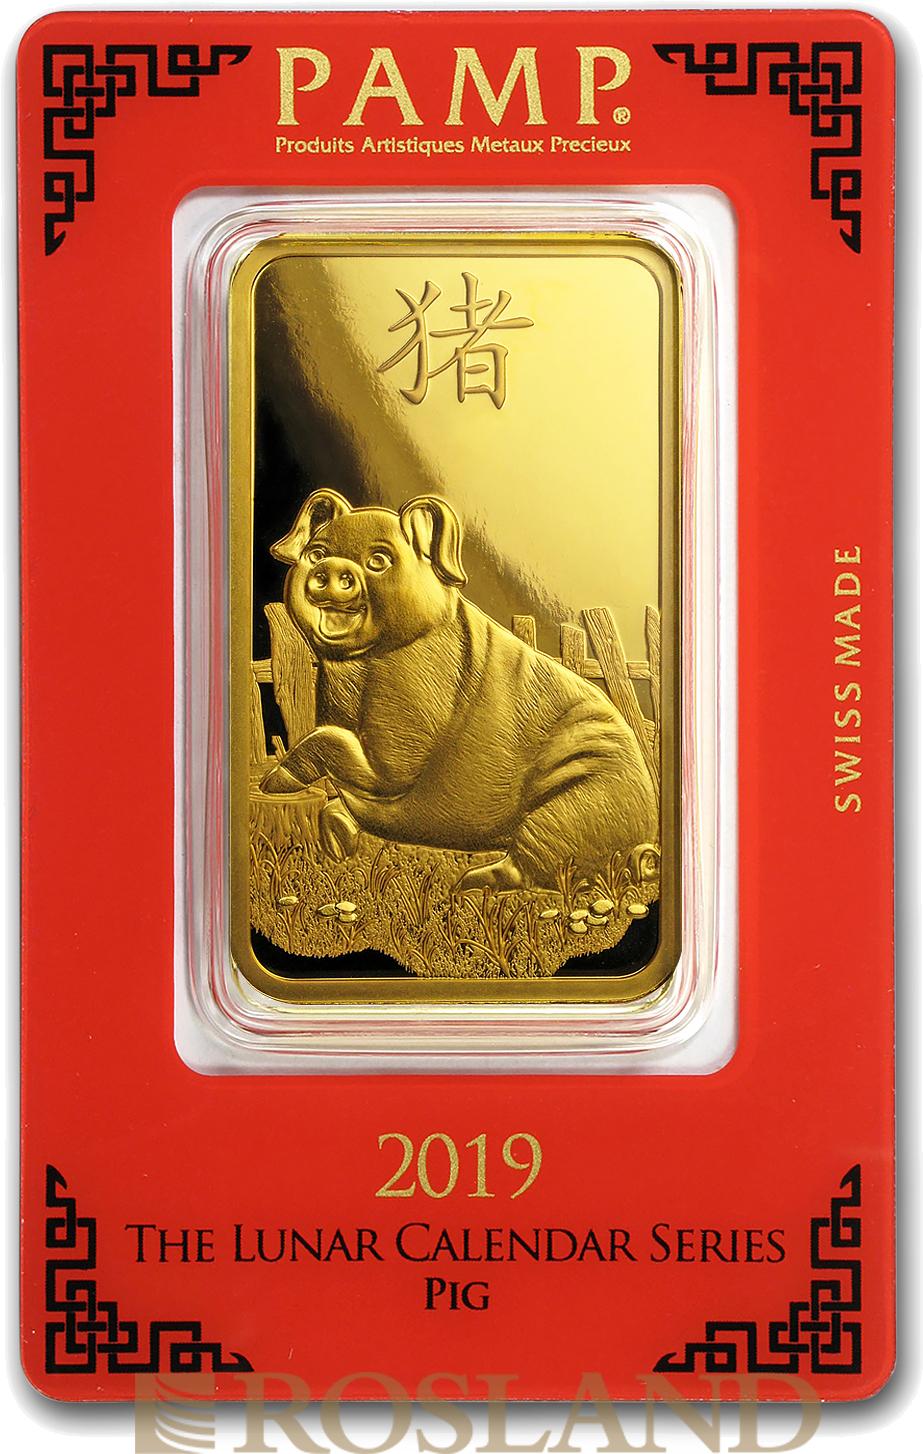 100 Gramm Goldbarren PAMP Jahr des Schweins 2019